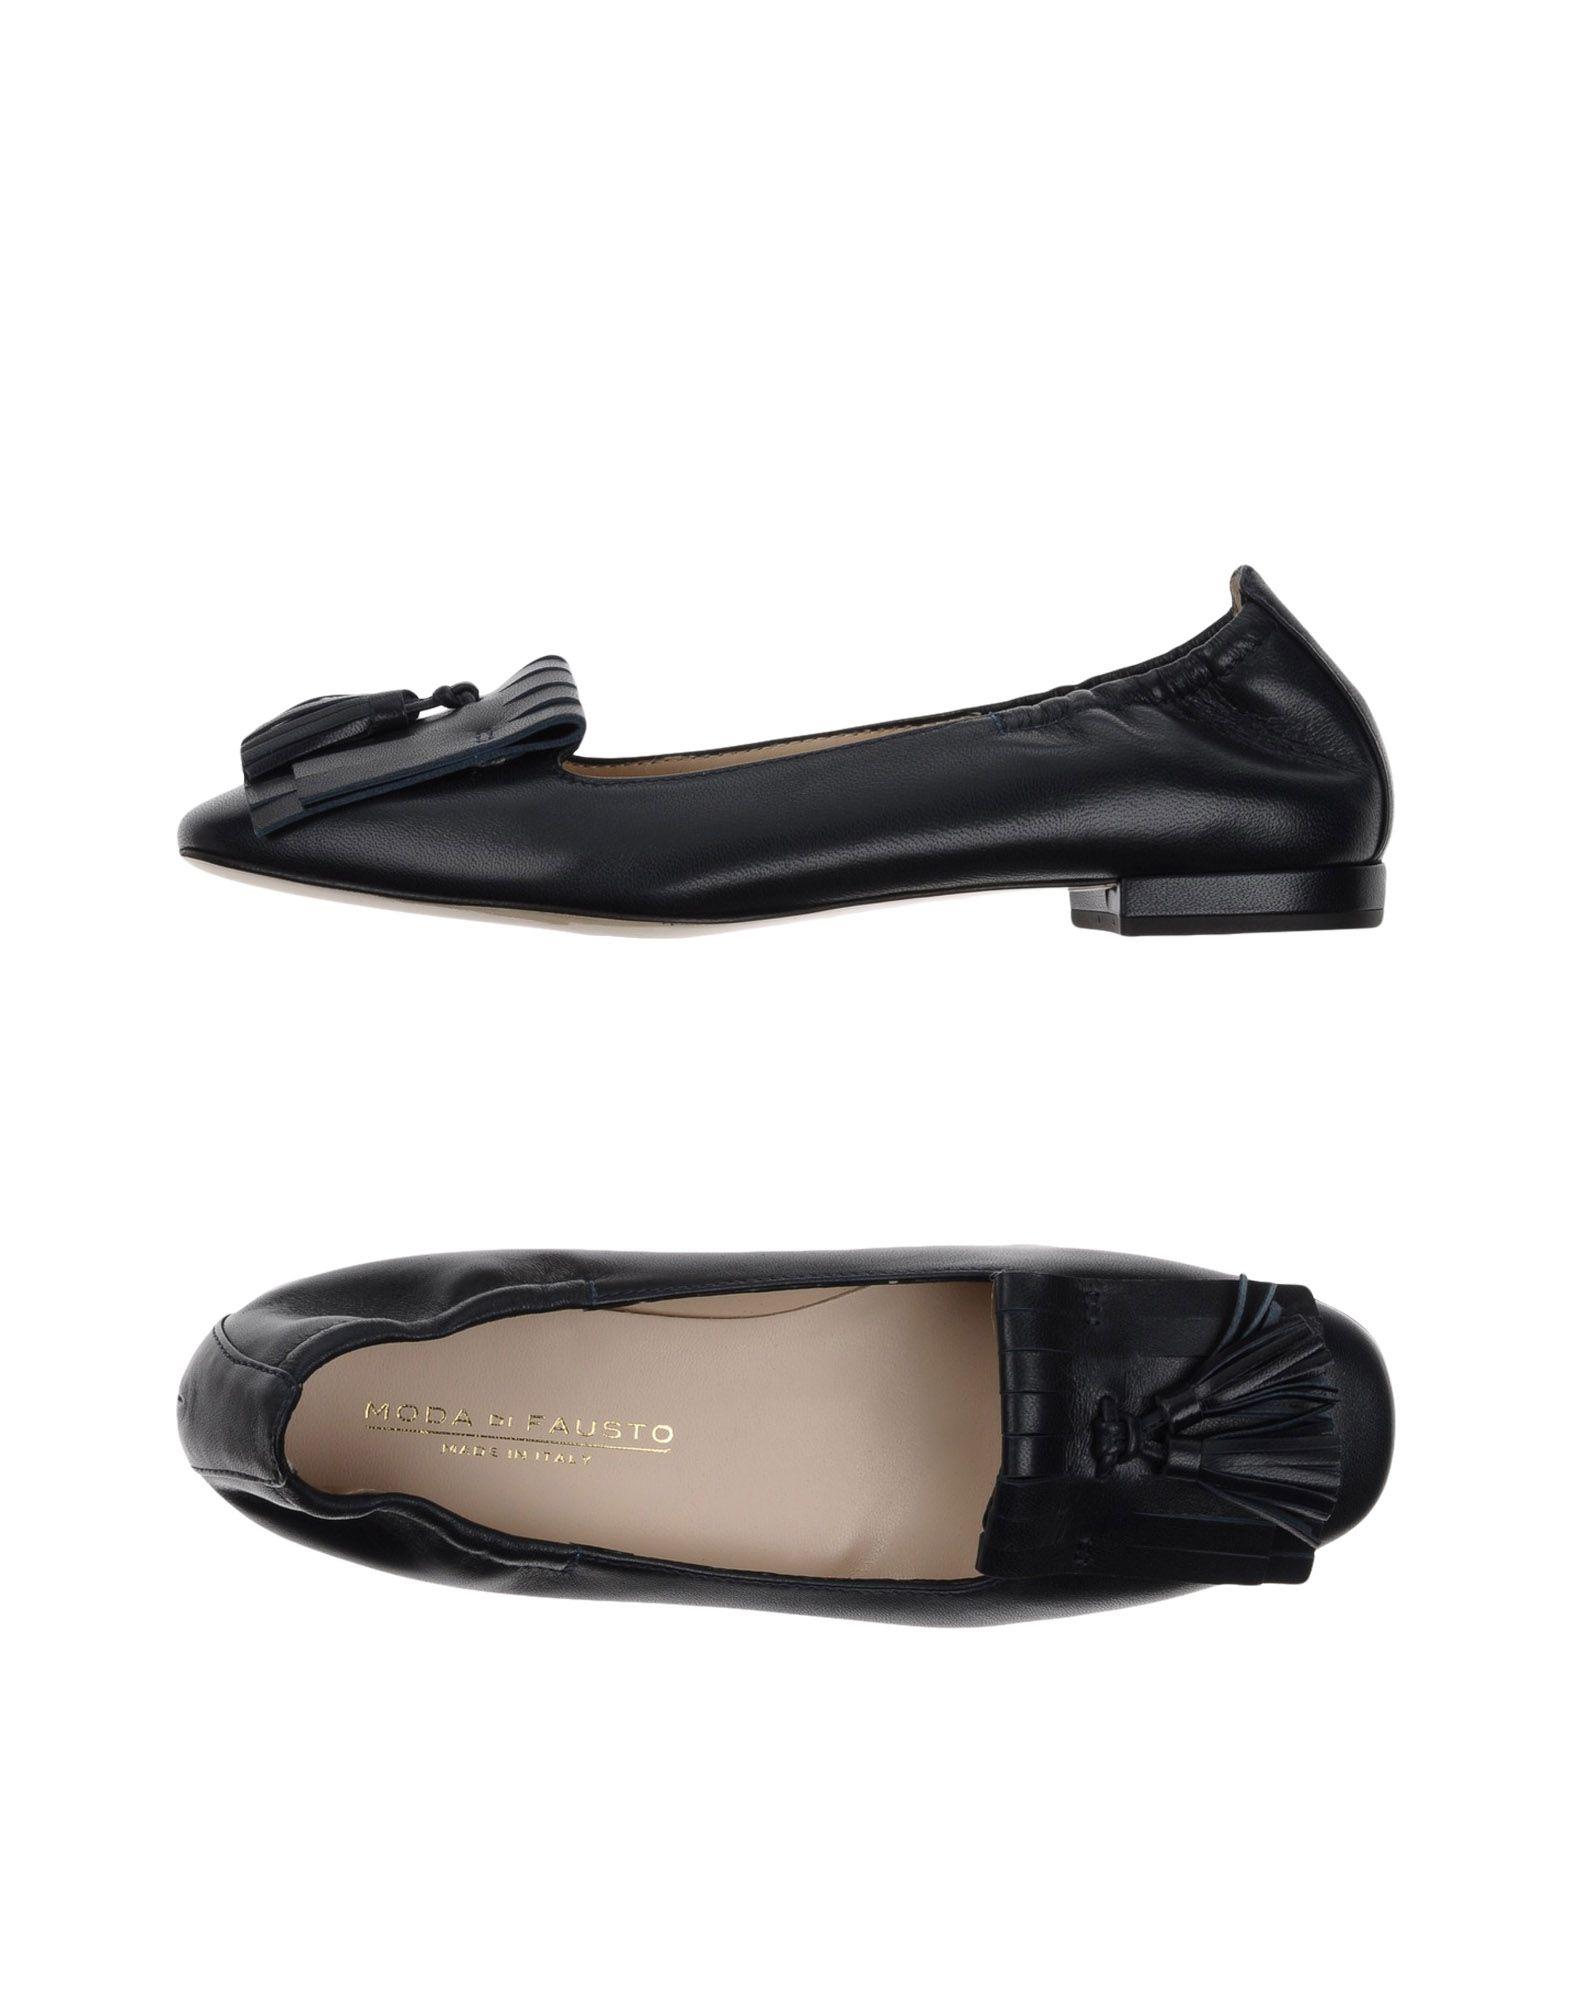 Moda Di Fausto Mokassins Damen  11363305CH Gute Qualität beliebte Schuhe